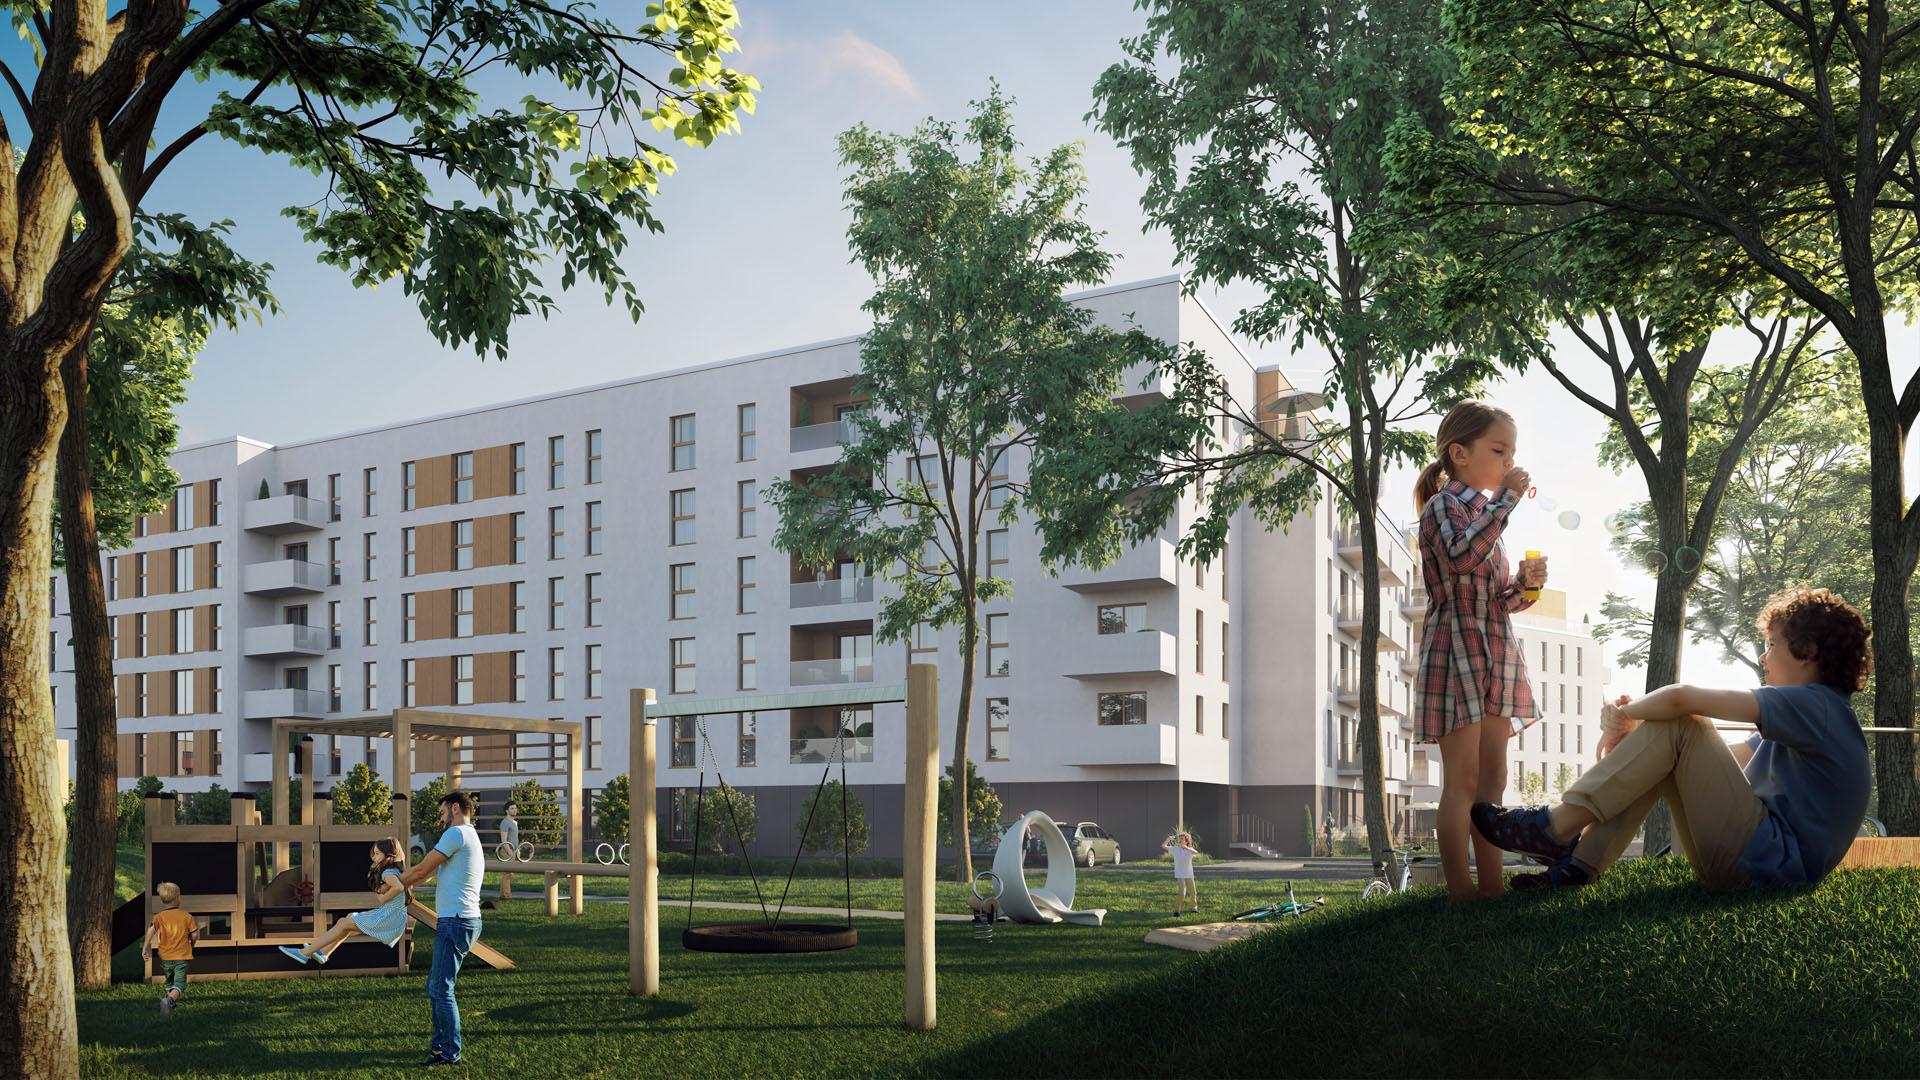 Soleil de Malta Budynek mieszkalny wielorodzinny Bouygues Immobilier Polska Poznań Plac zabaw